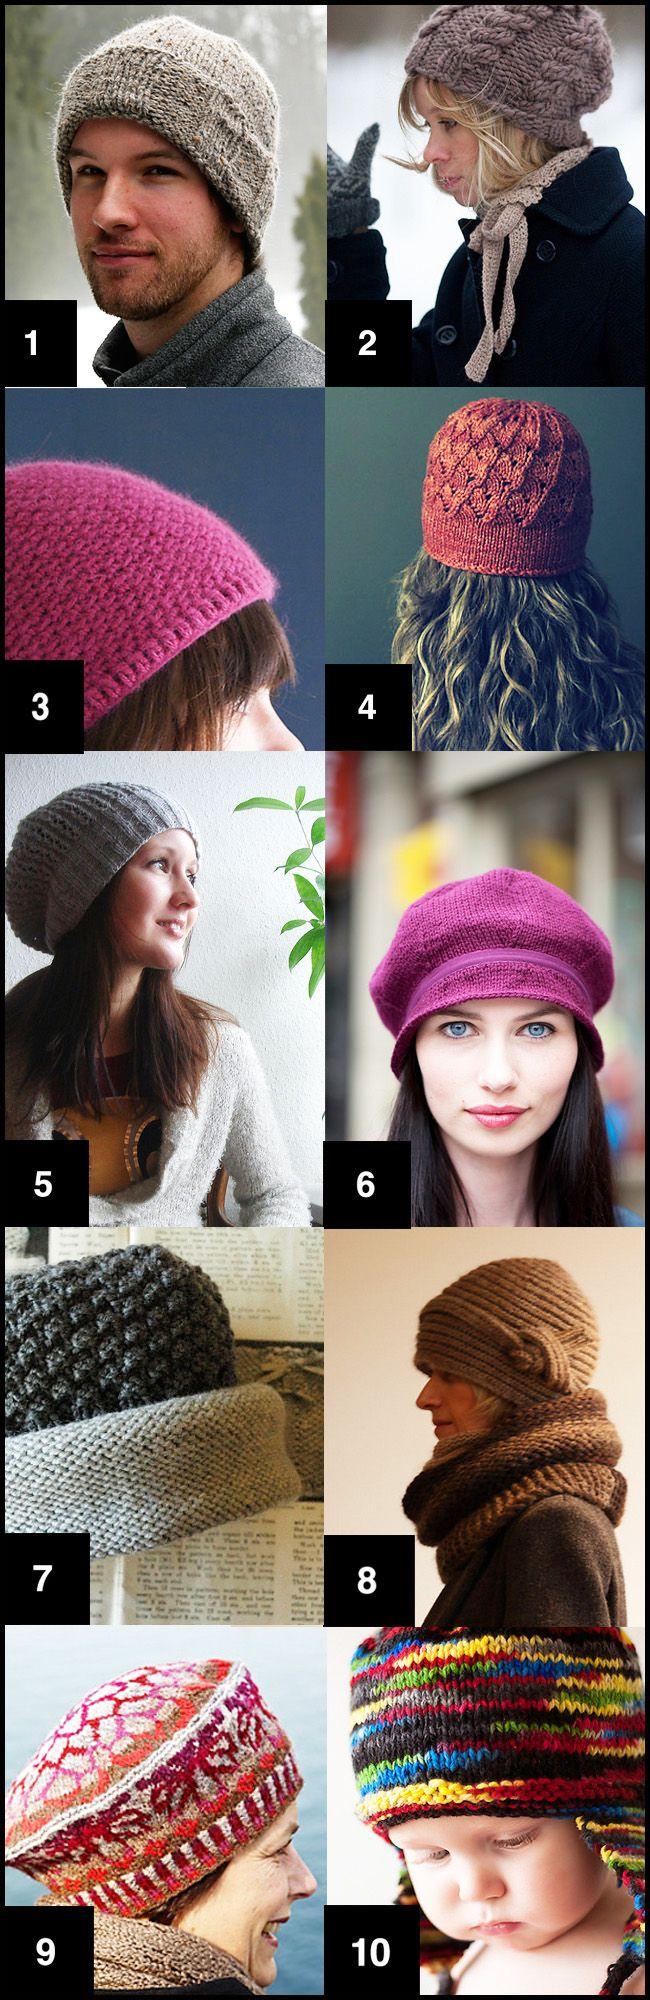 Ten free hat patterns. 6, 8, & 9